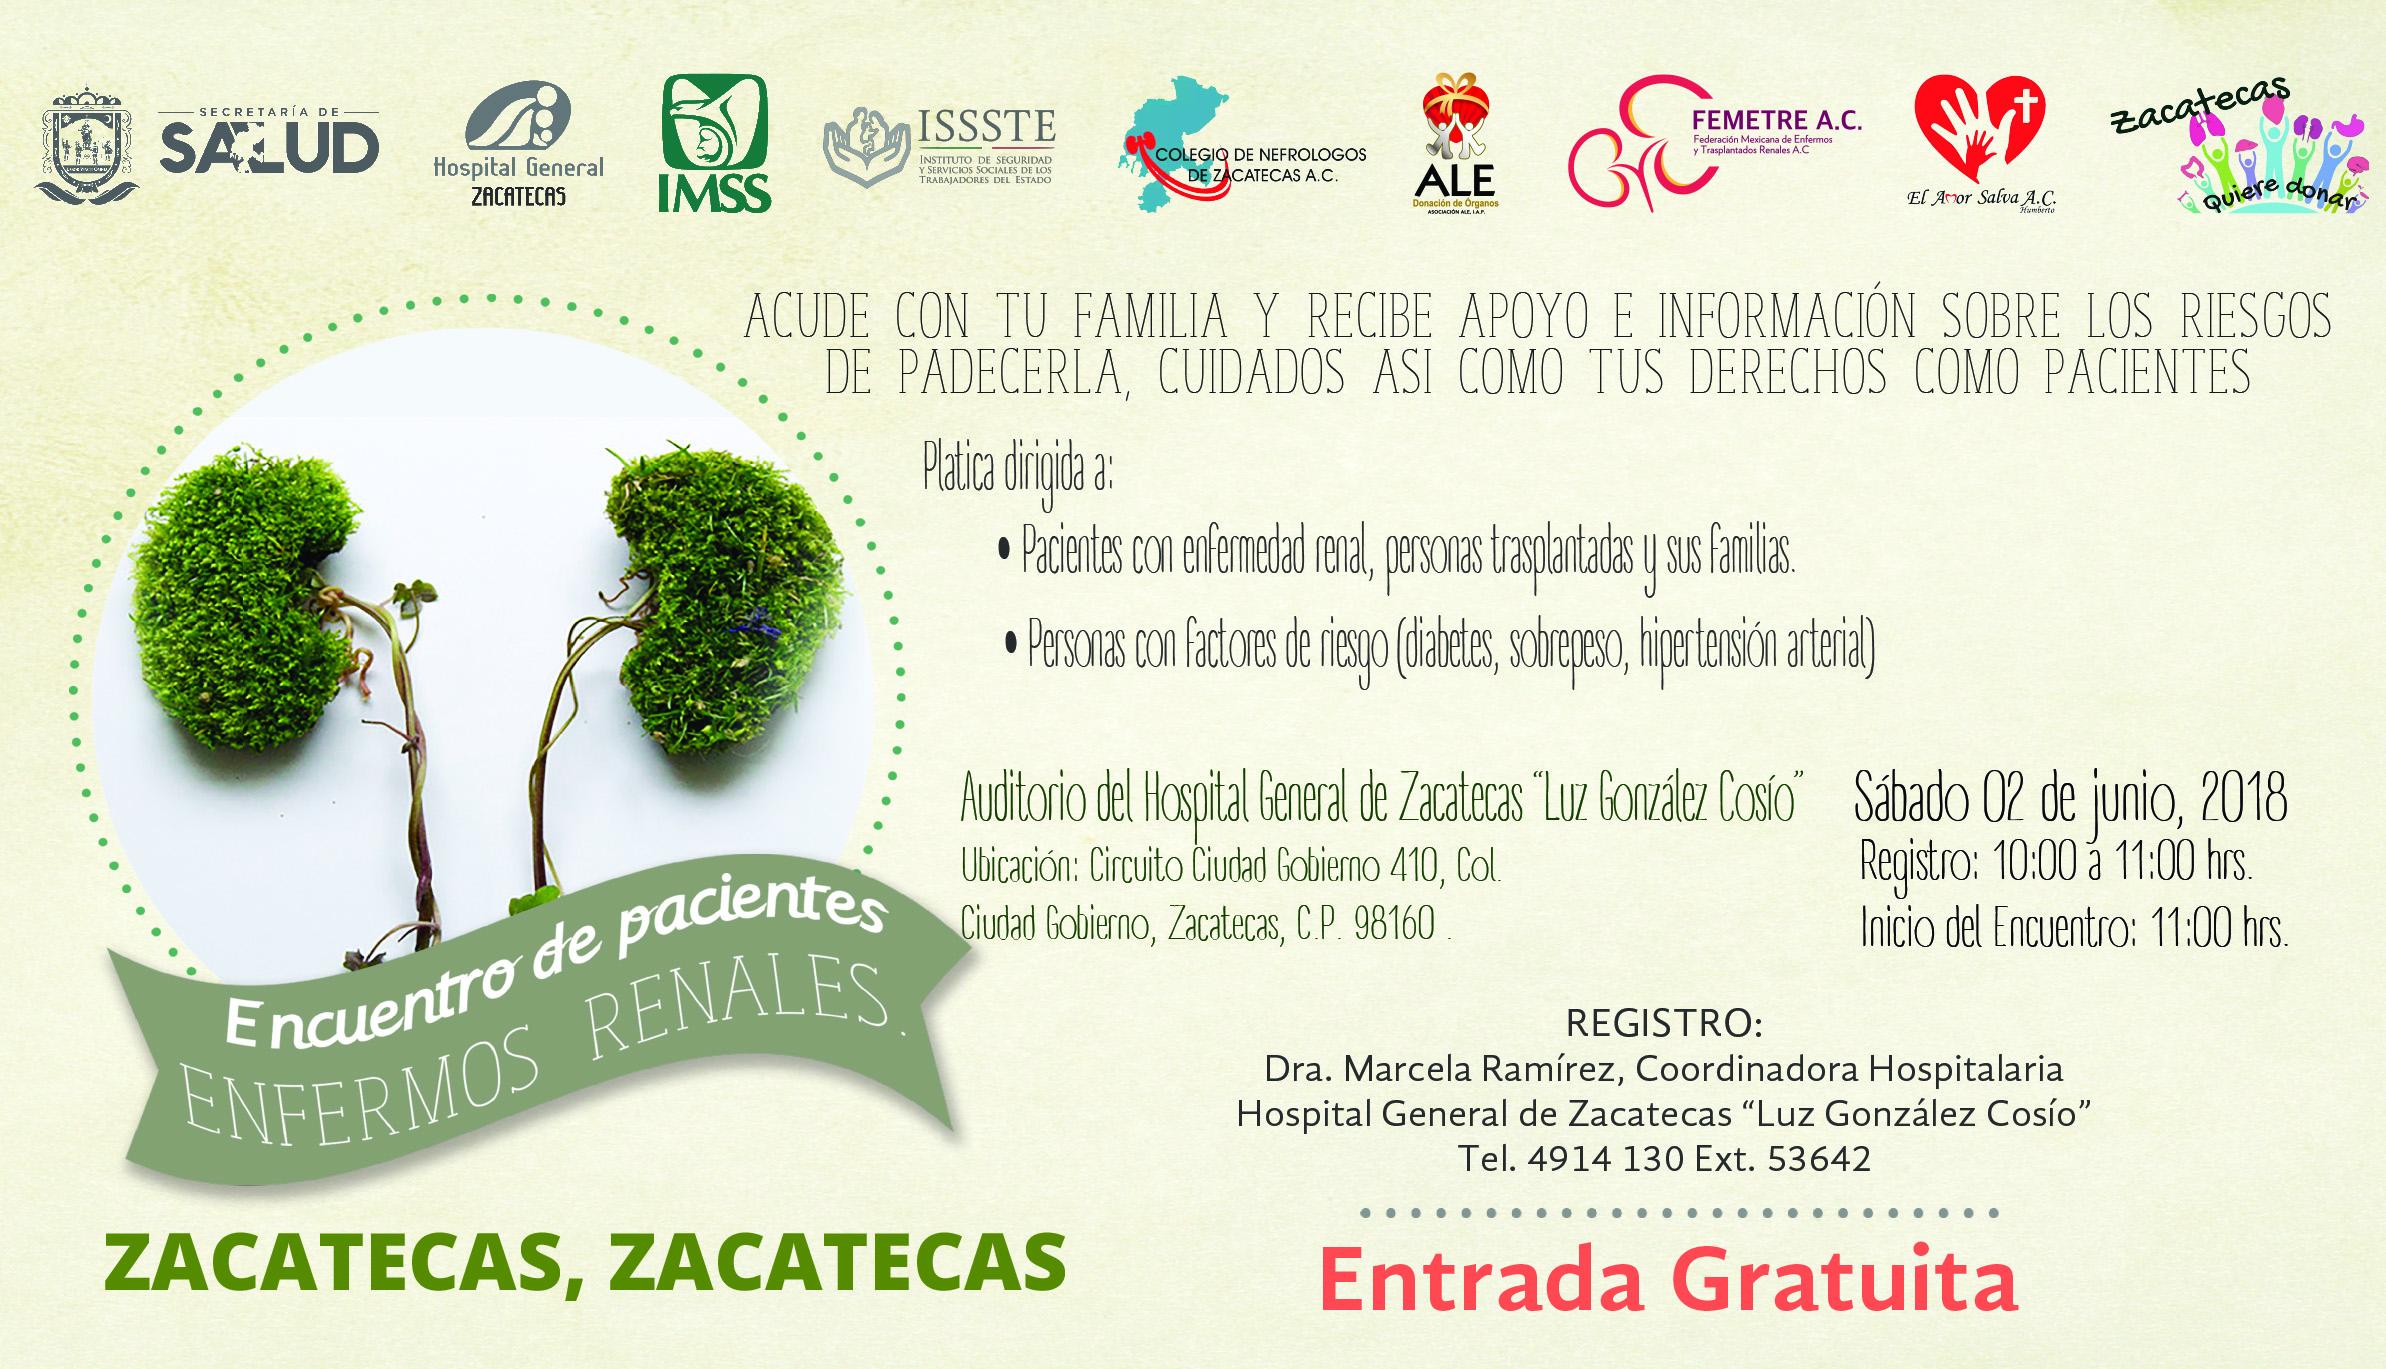 Encuentro de Pacientes Enfermos Renales, Zacatecas, Zac.